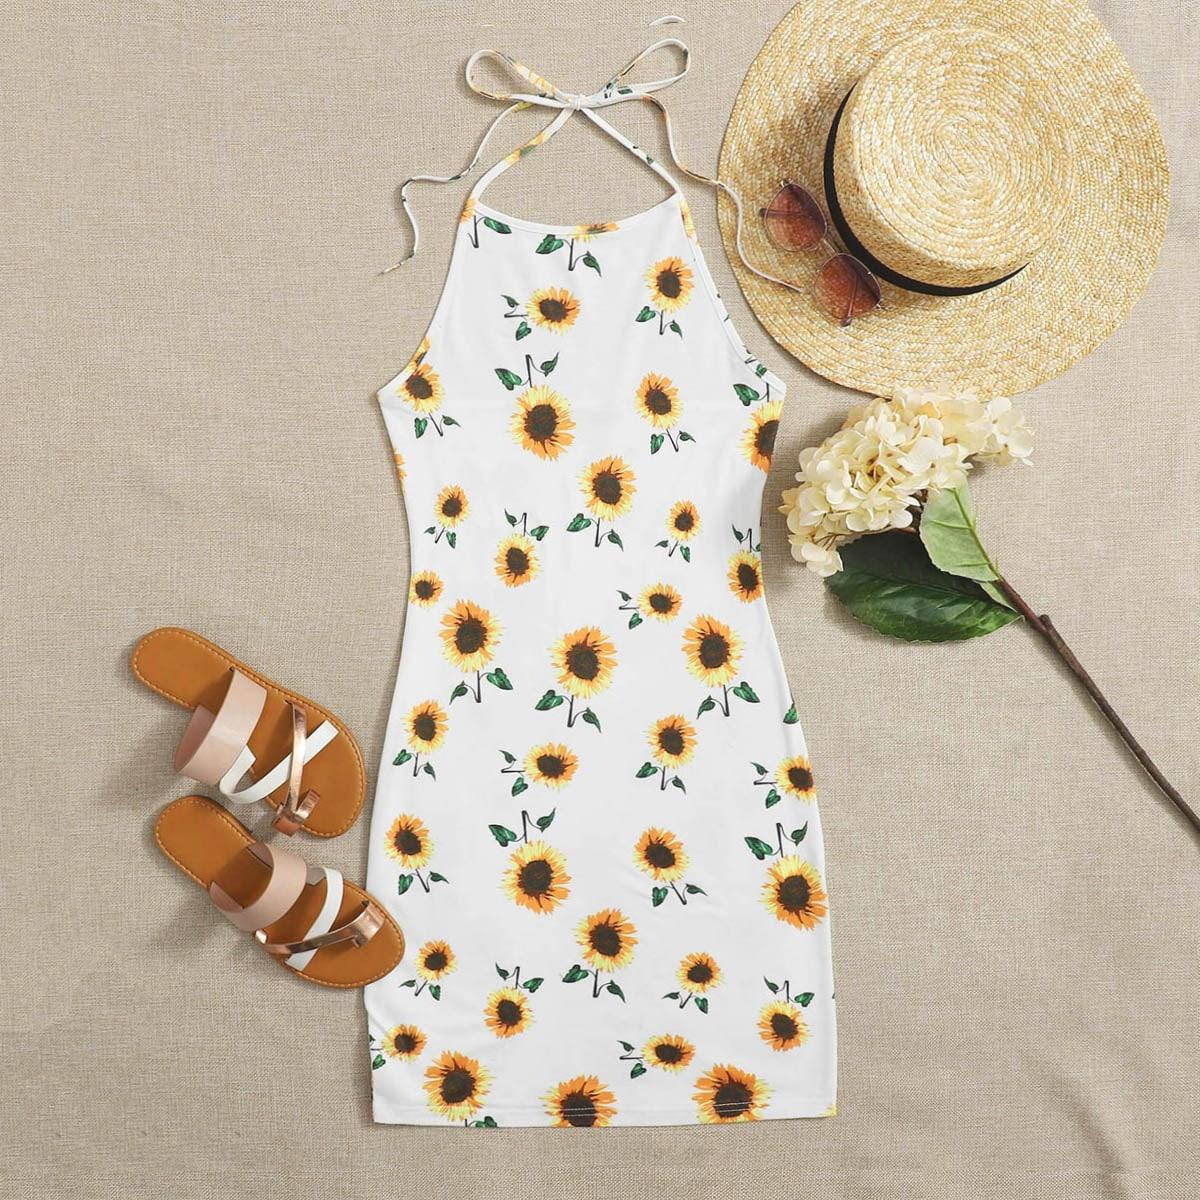 Облегающее платье-халтер с принтом подсолнуха фото